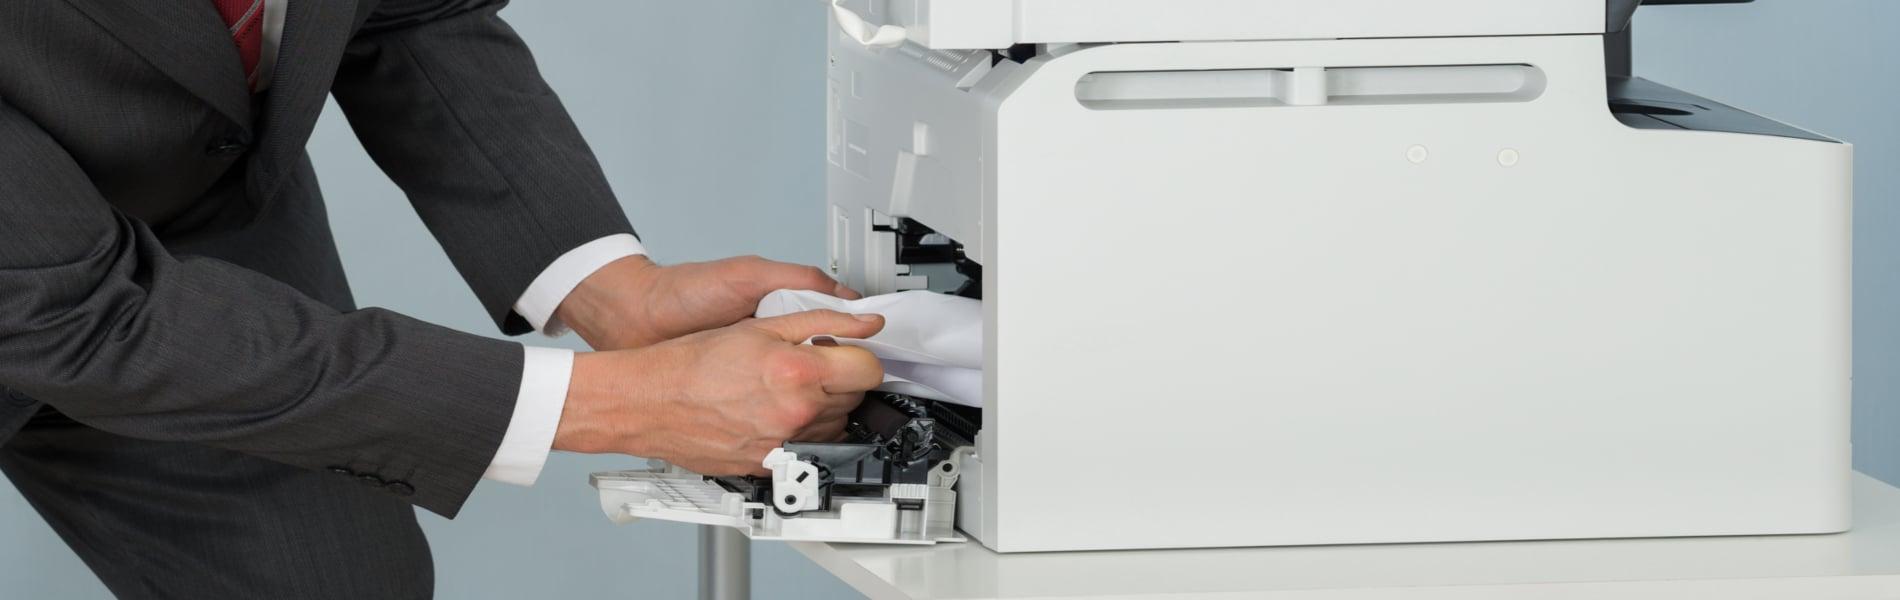 Achten Sie darauf, dass Sie den Papierstau richtig entfernen. Ziehen Sie das Papier mit der Laufrichtung aus dem Drucker oder Kopierer.